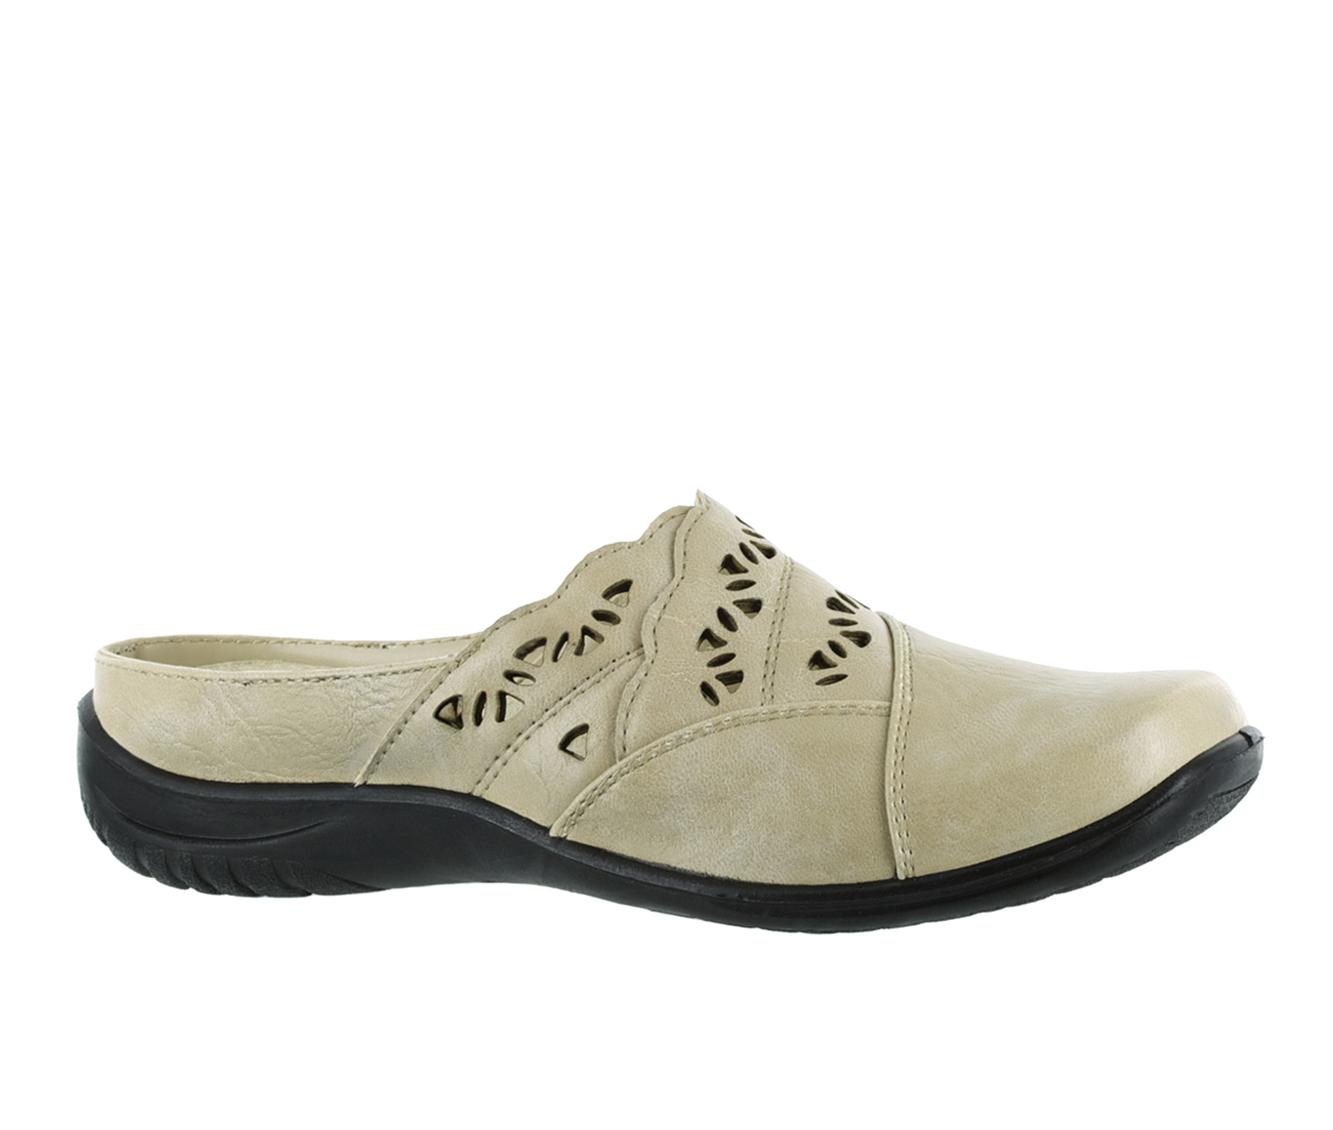 Easy Street Forever Women's Shoe (Beige Faux Leather)